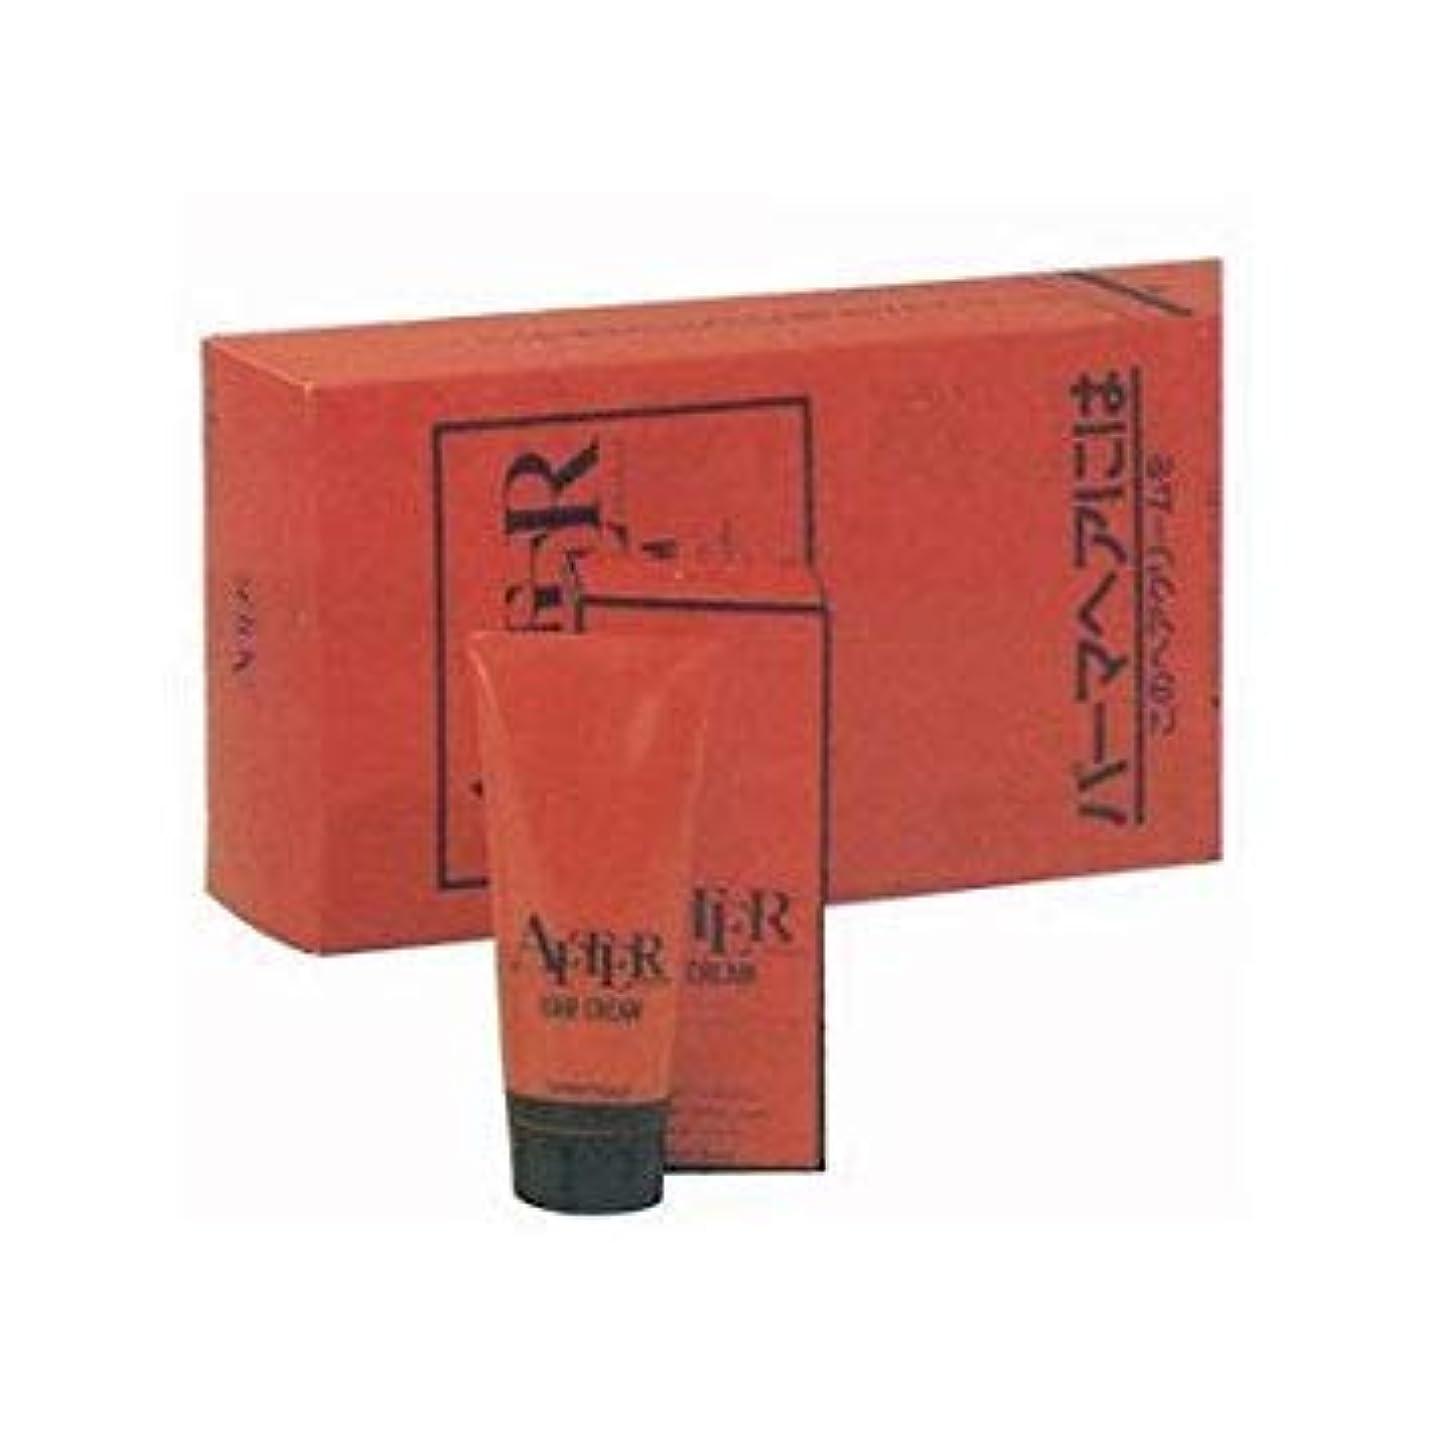 開梱骨折検出可能ルビタリザンヘアクリーム90g チューブ入 1箱(7本)